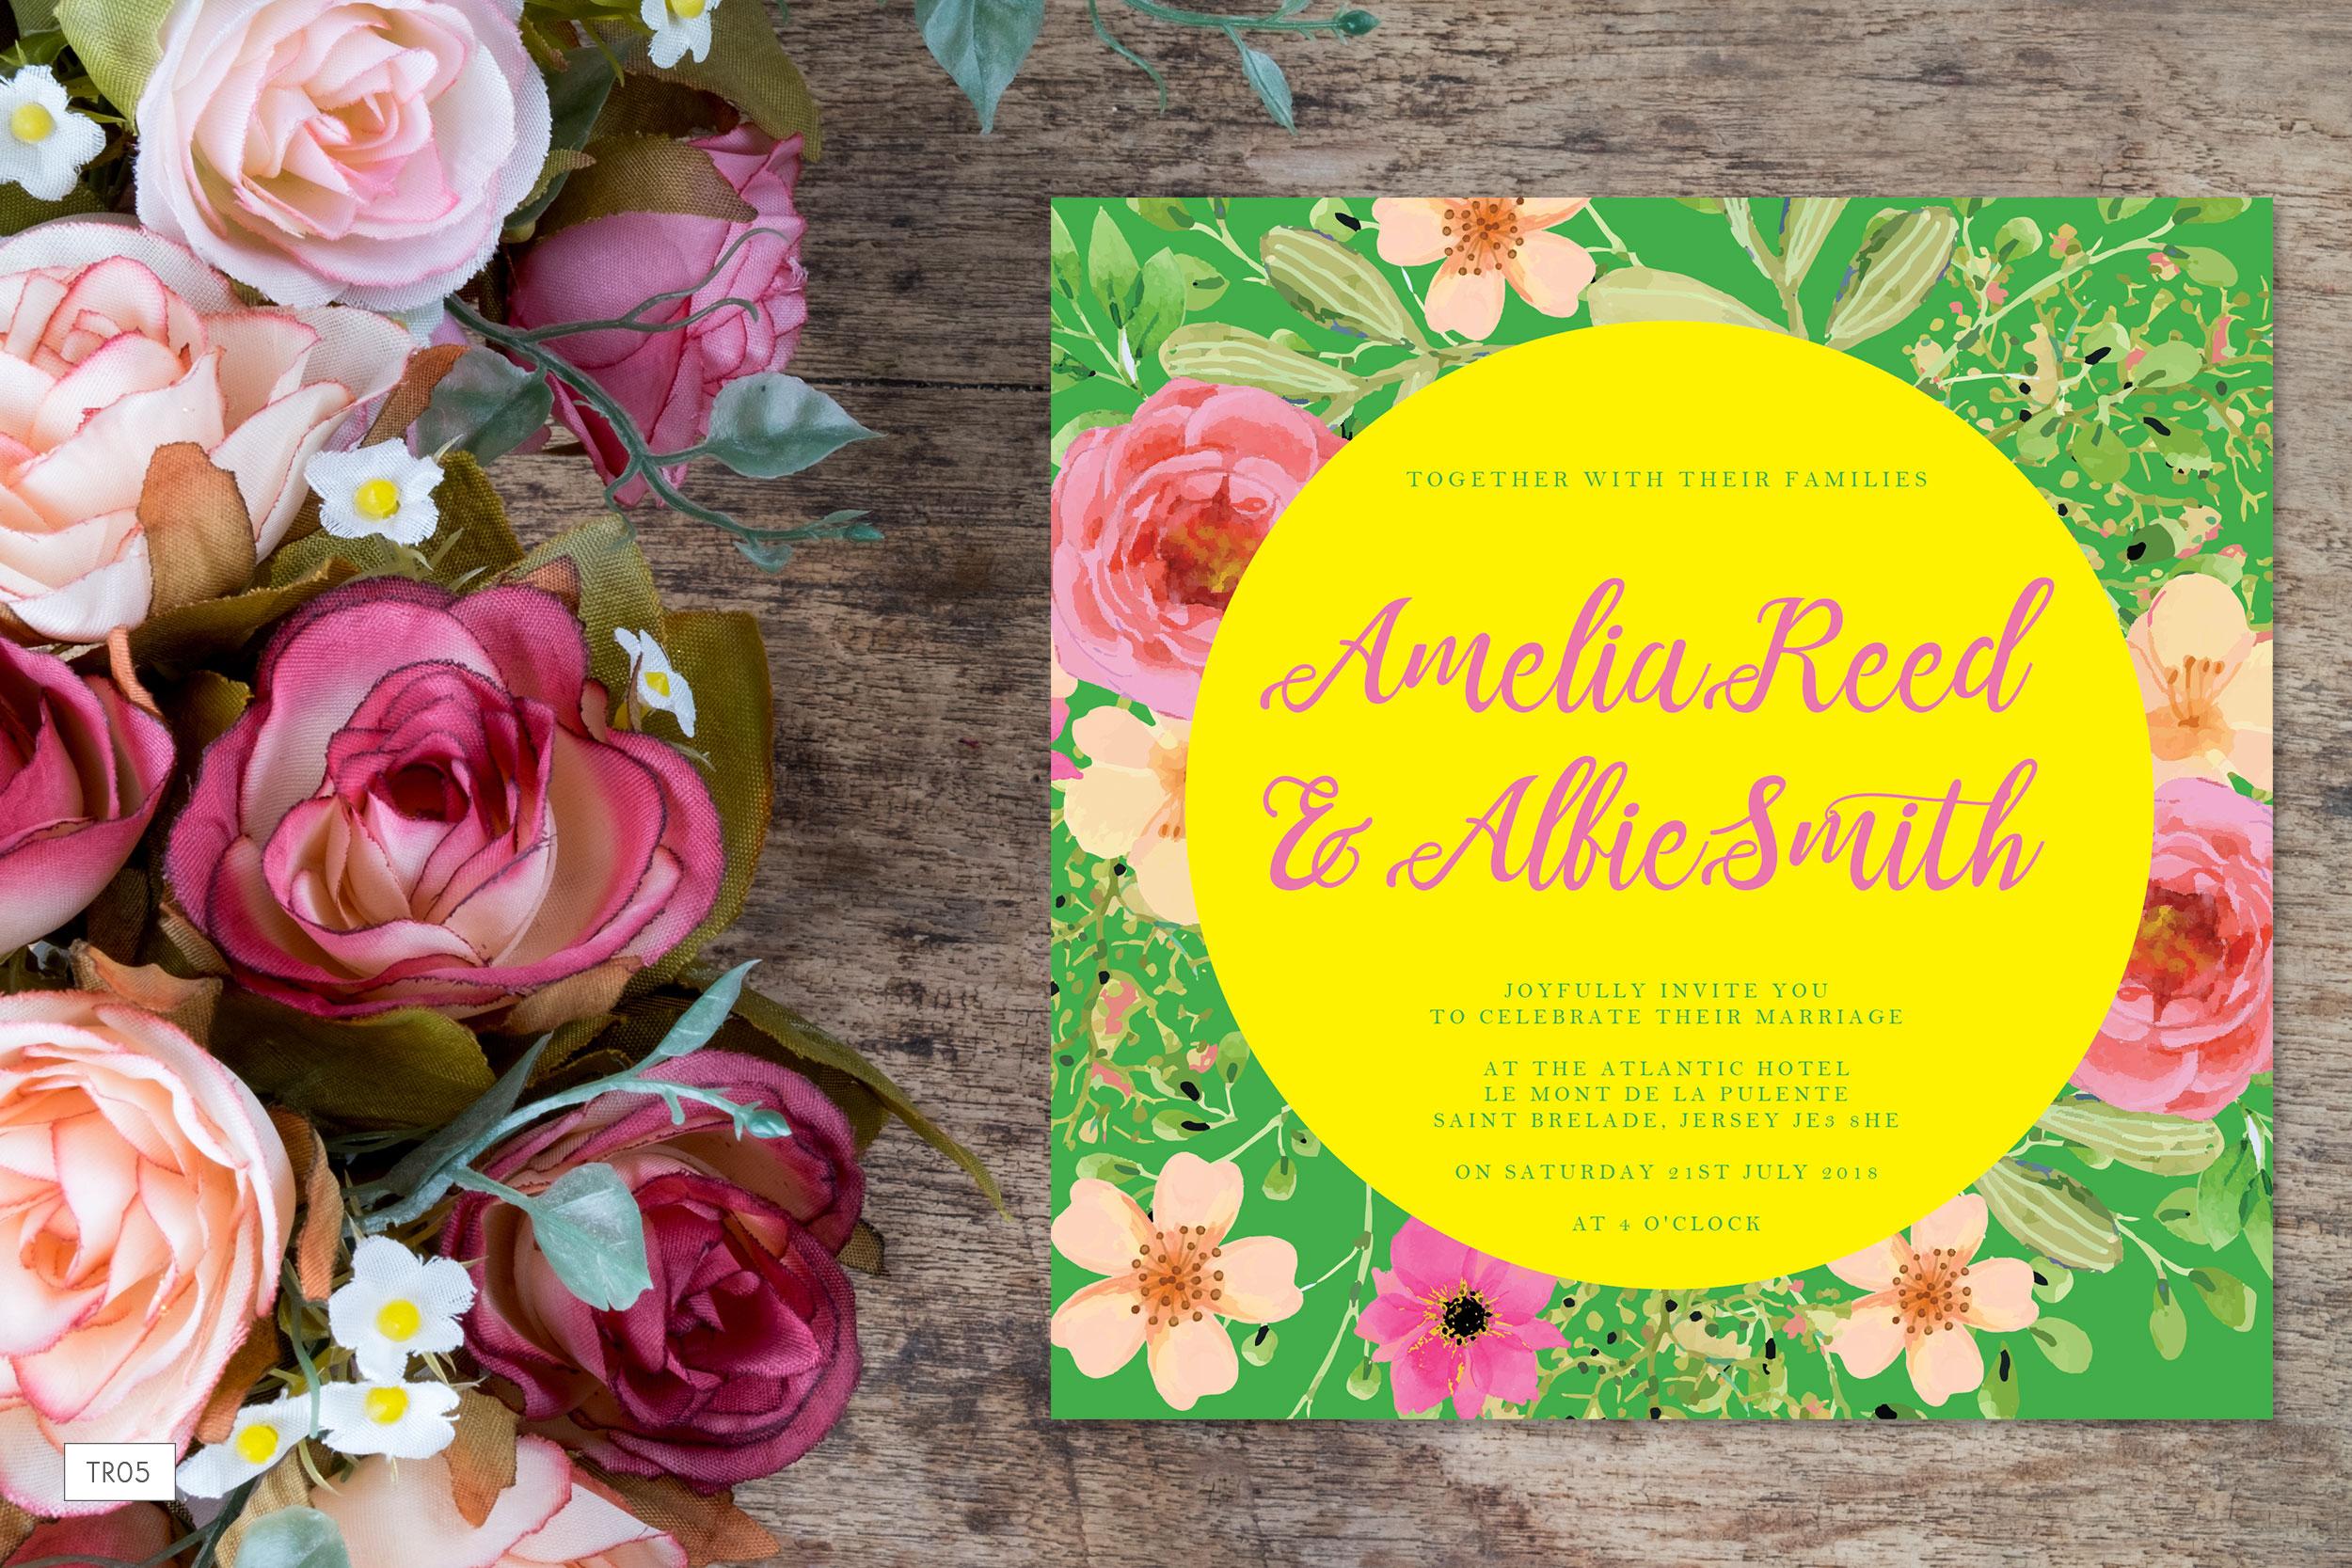 citrus-wedding-invitation-green-tr05.jpg